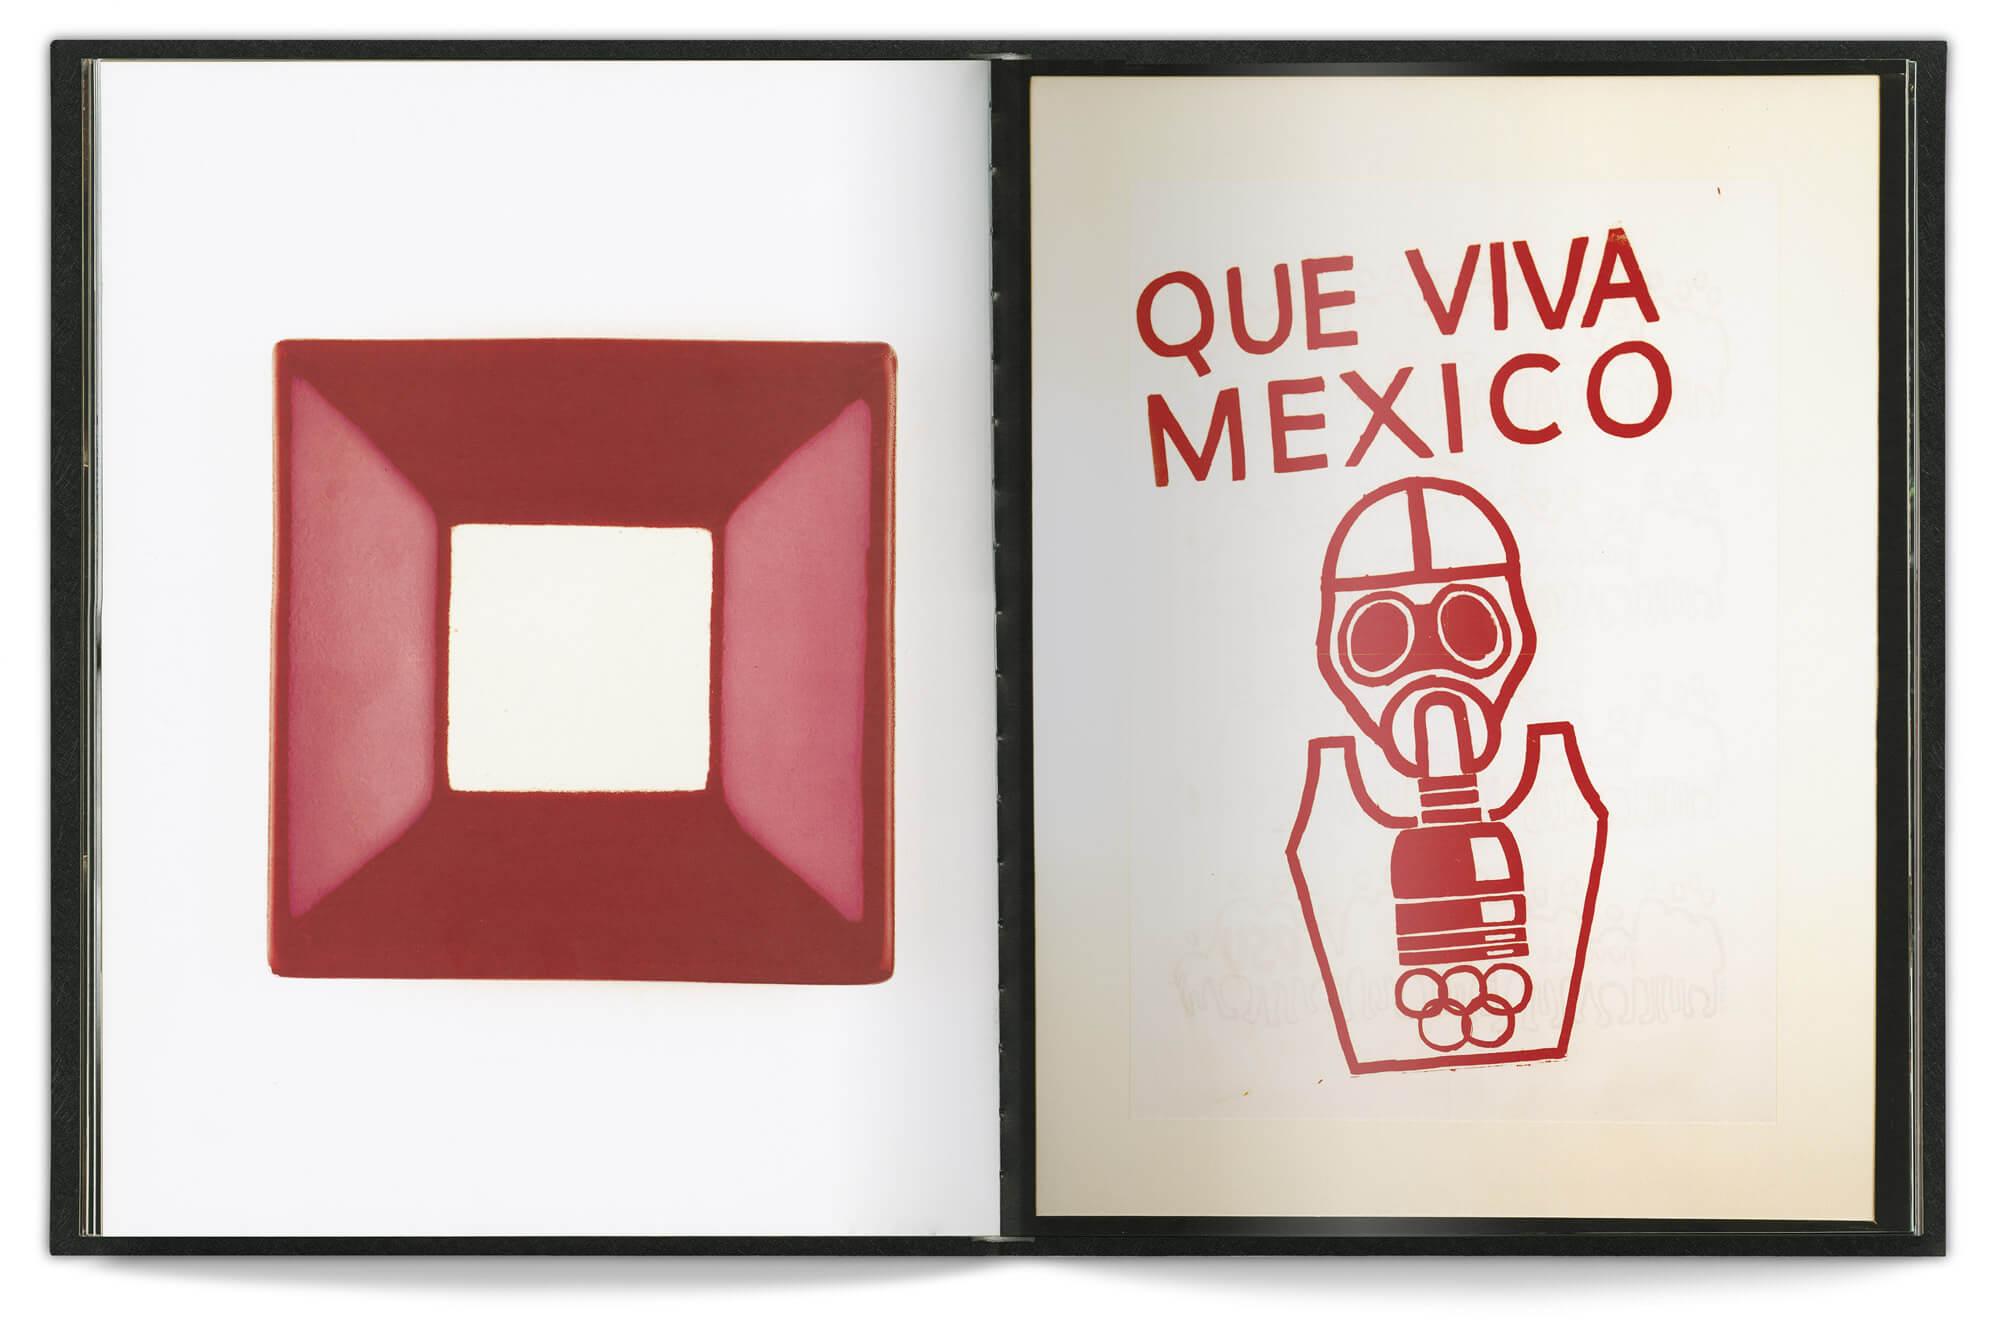 double page au couleur rouge et blanche pour le livre Chic by accident de 2011, design et mise en page Helena Ichbiah